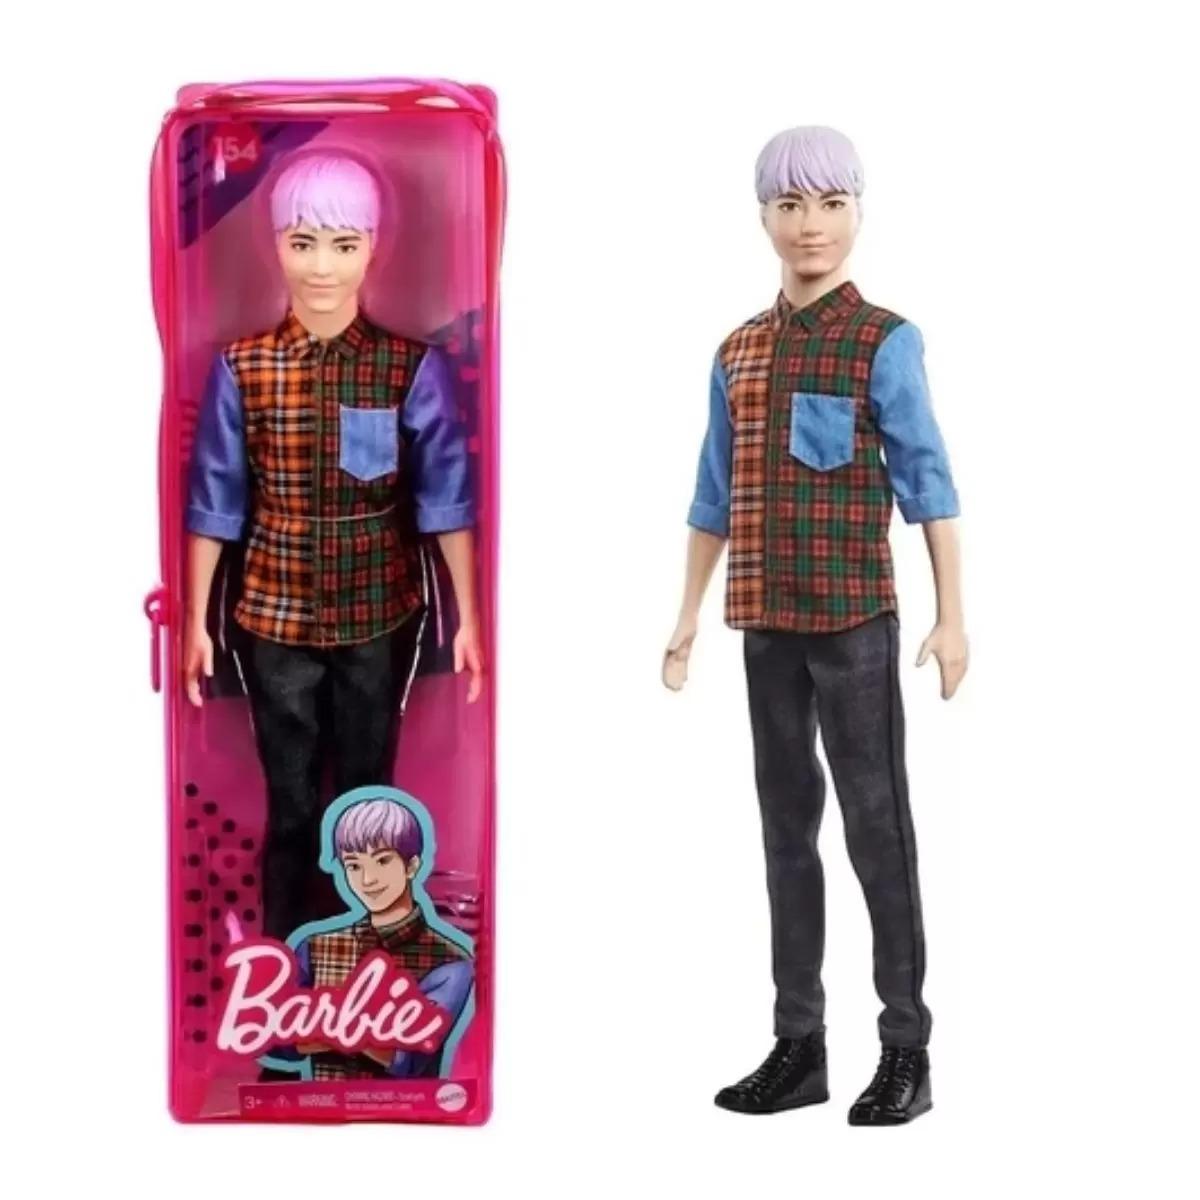 Boneco Barbie Ken Fashionista Cabelo Roxo E Camiseta Xadrez Modelo 154 Mattel